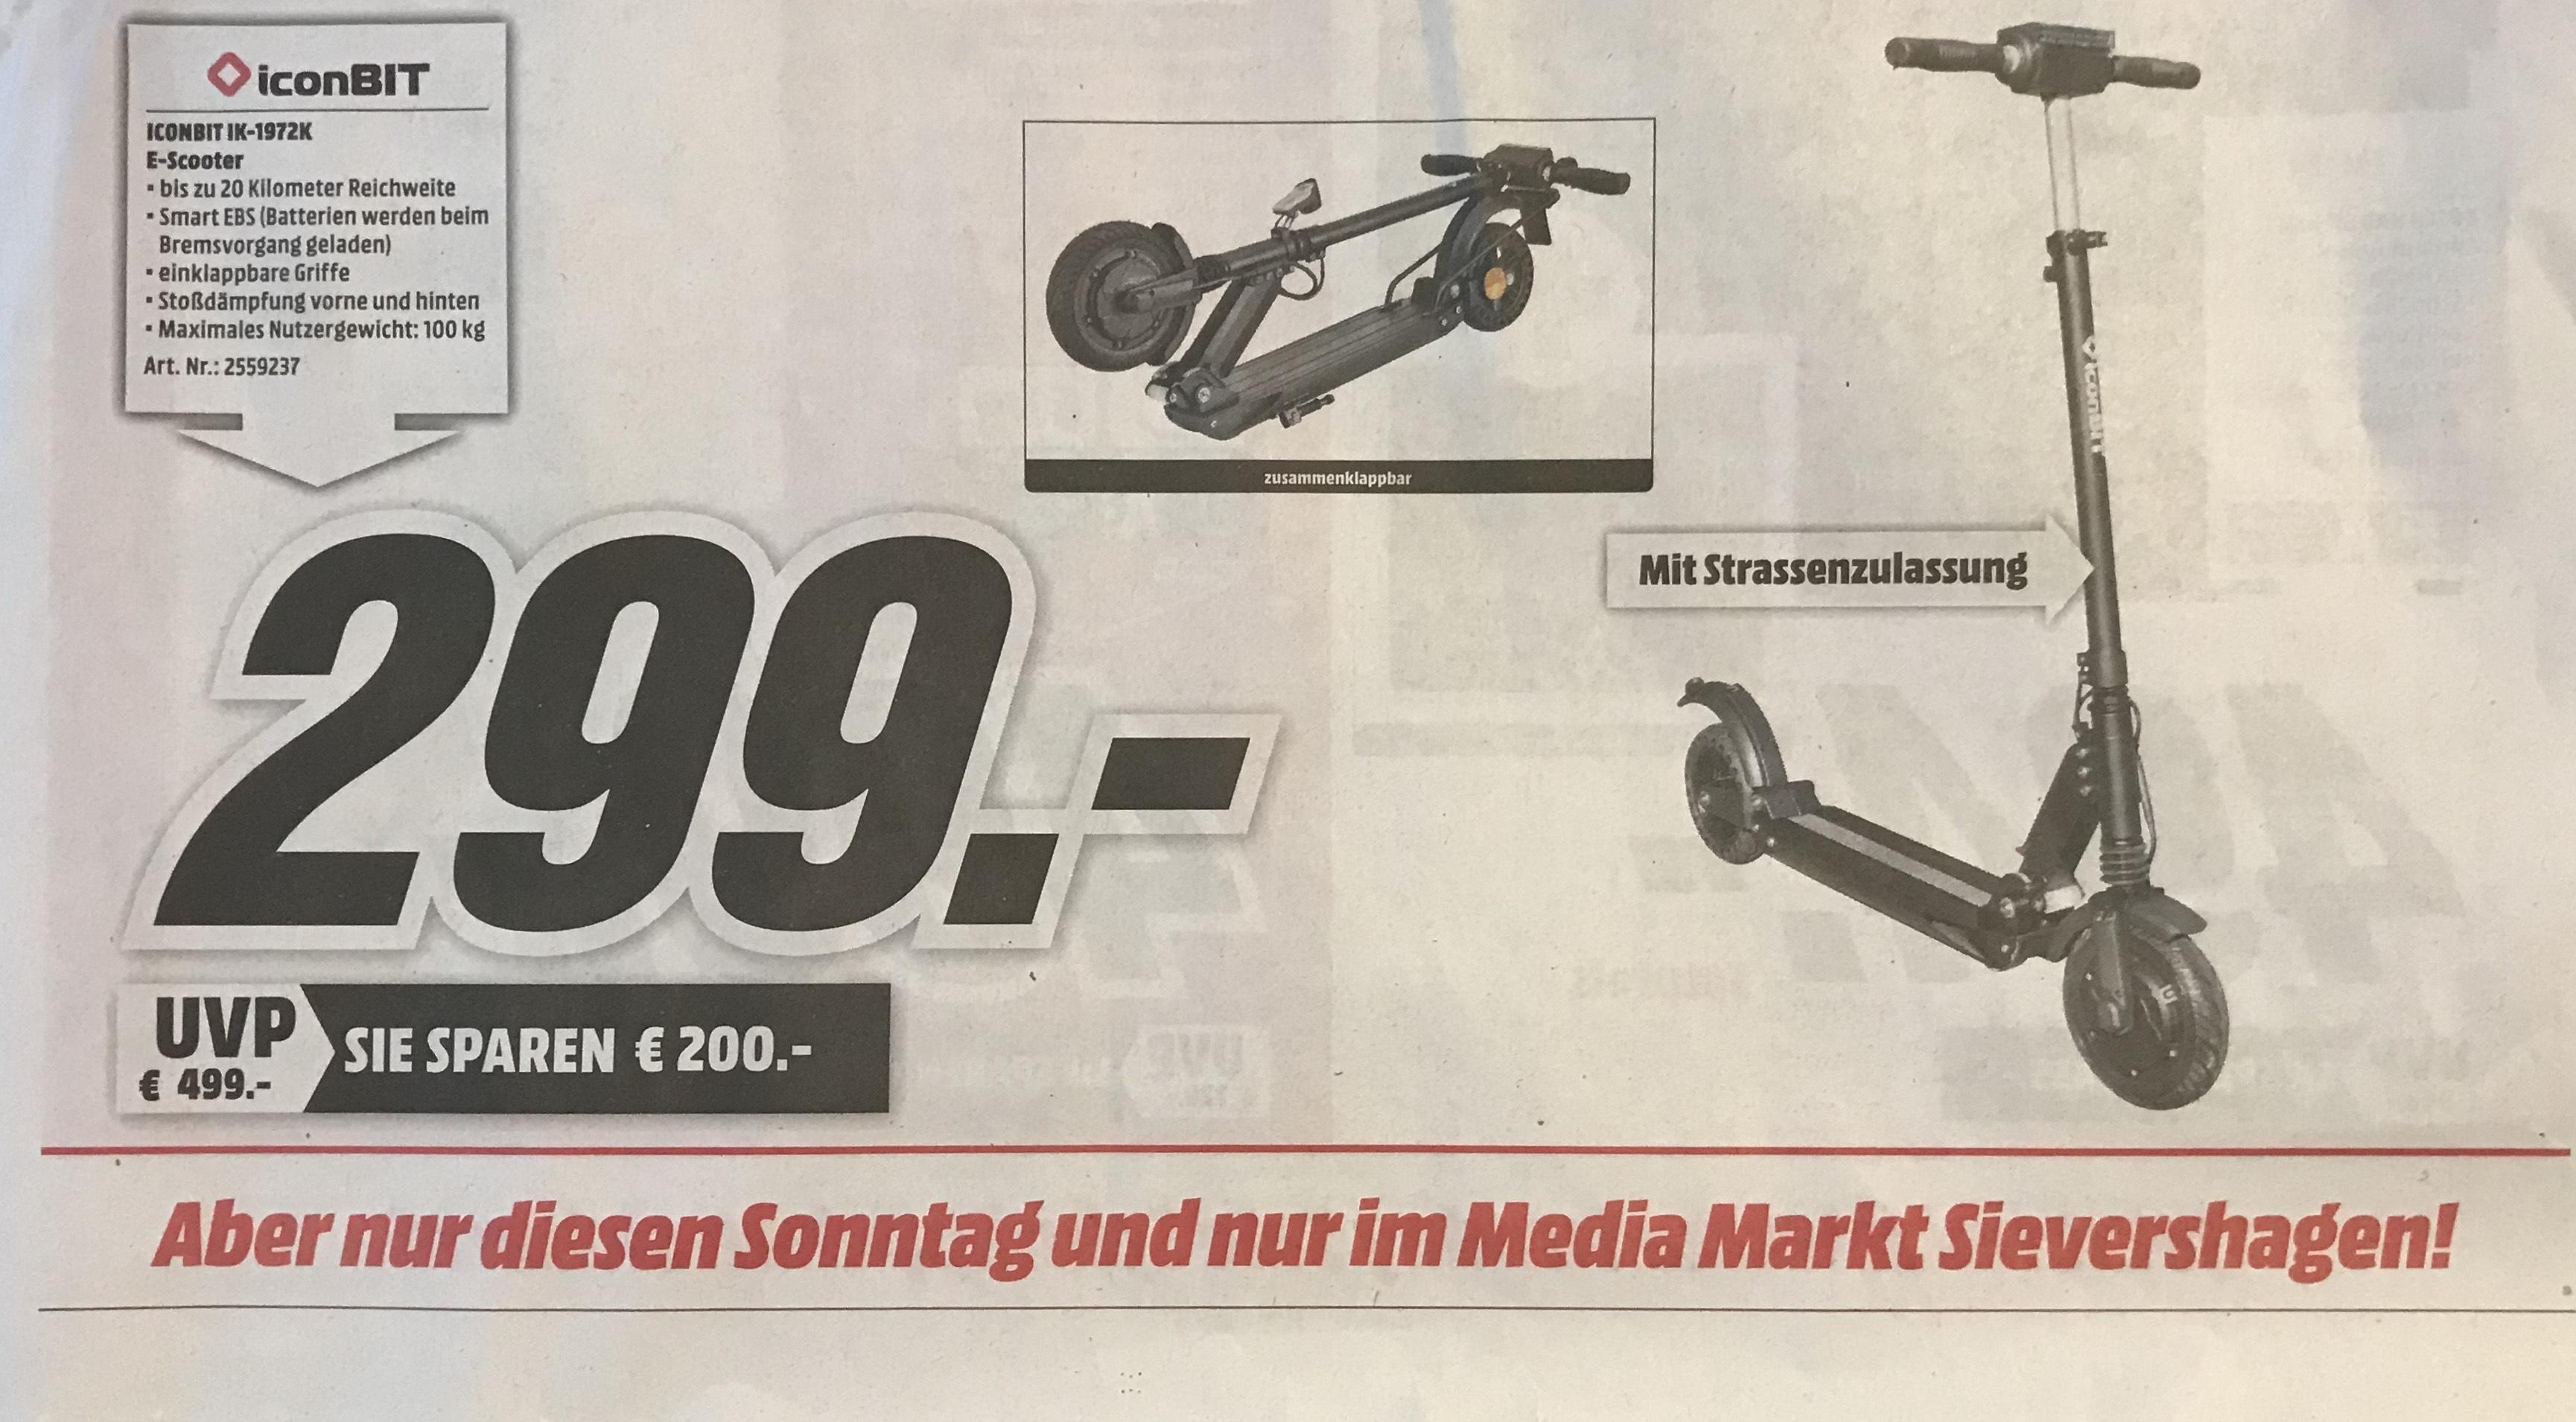 Iconbit Streetscooter IK–1972K mit Straßenzulassung Lokal am Sonntag im Media-Markt Rostock Sievershagen